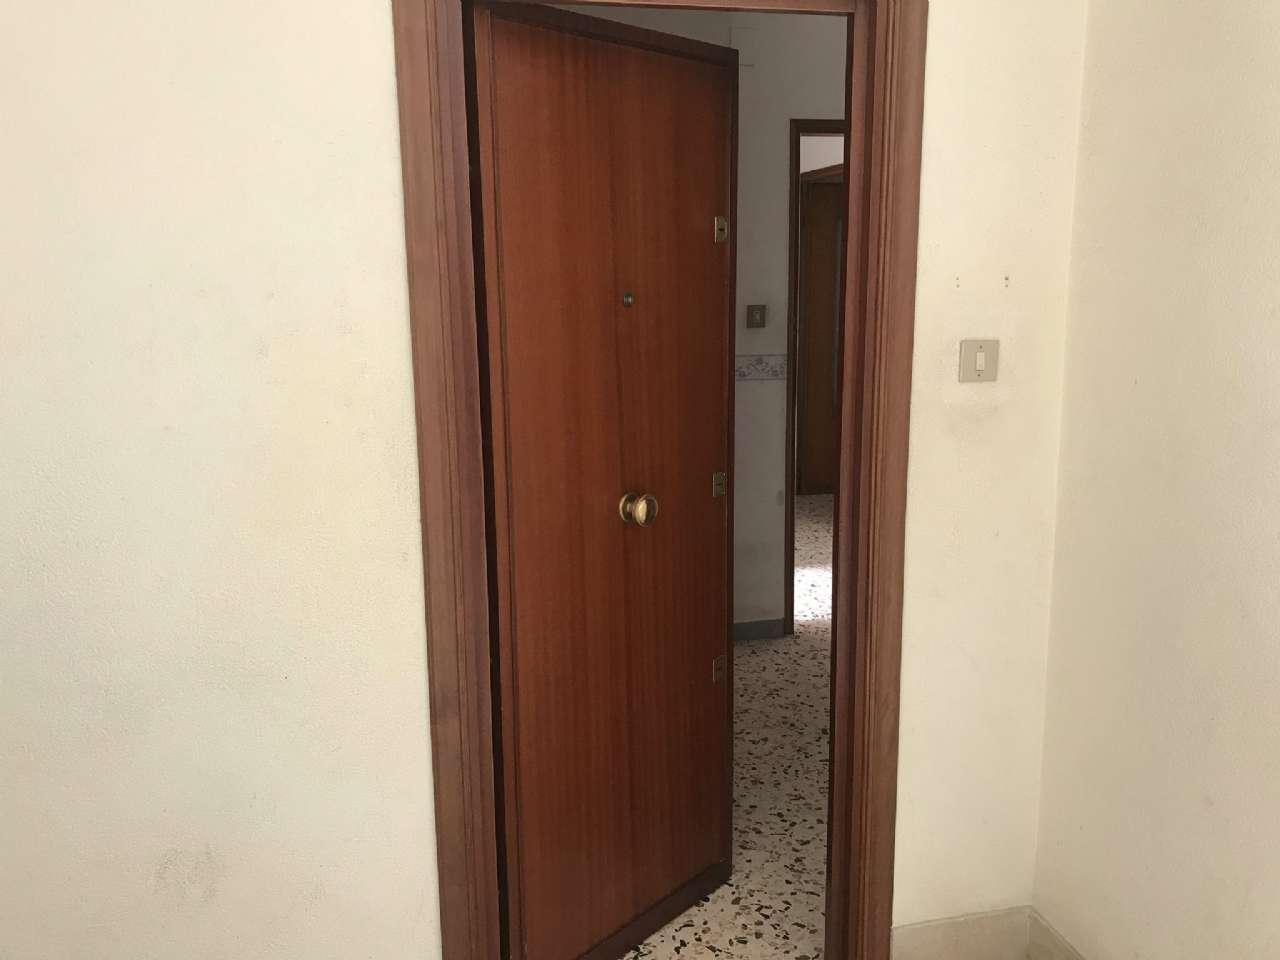 Trilocale, Via Filippo Orioles, Zona Tribunale/Imera, Palermo, foto 4